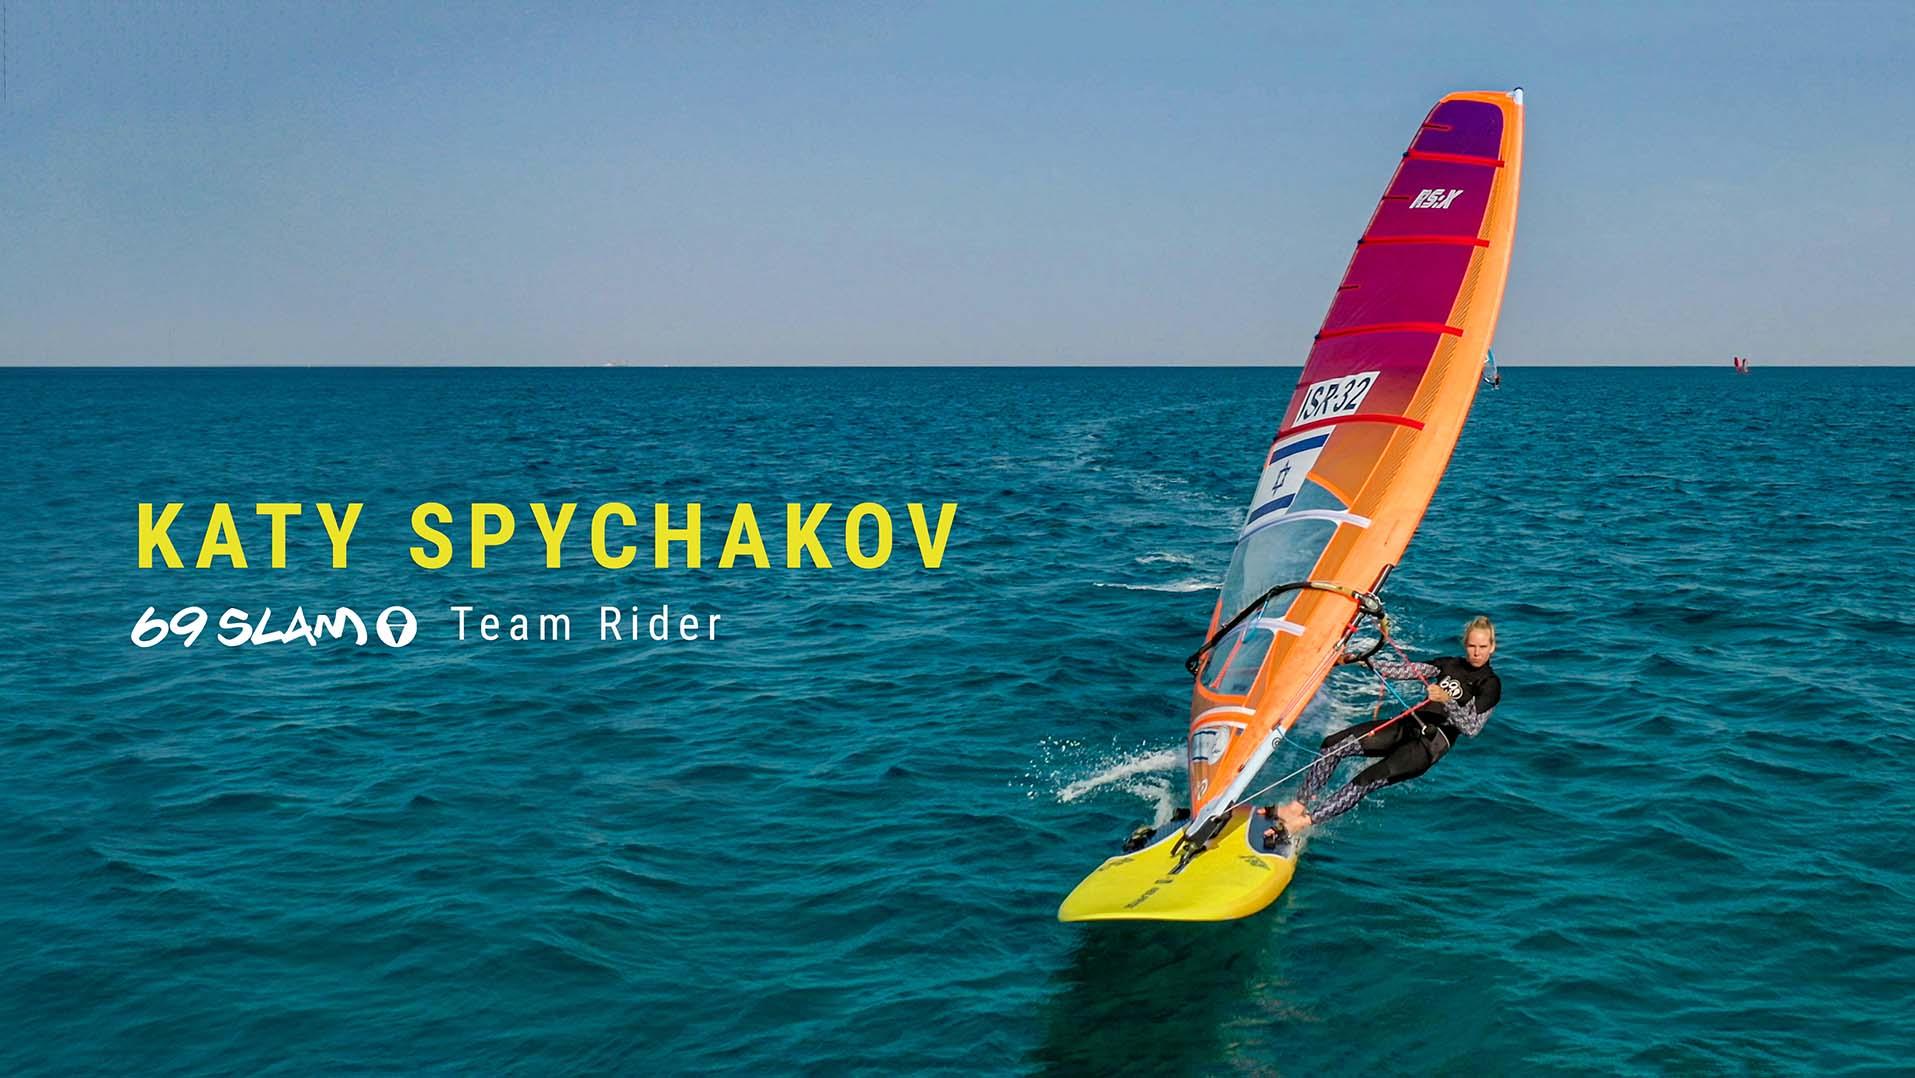 69 SLAM - Katy Spychakov